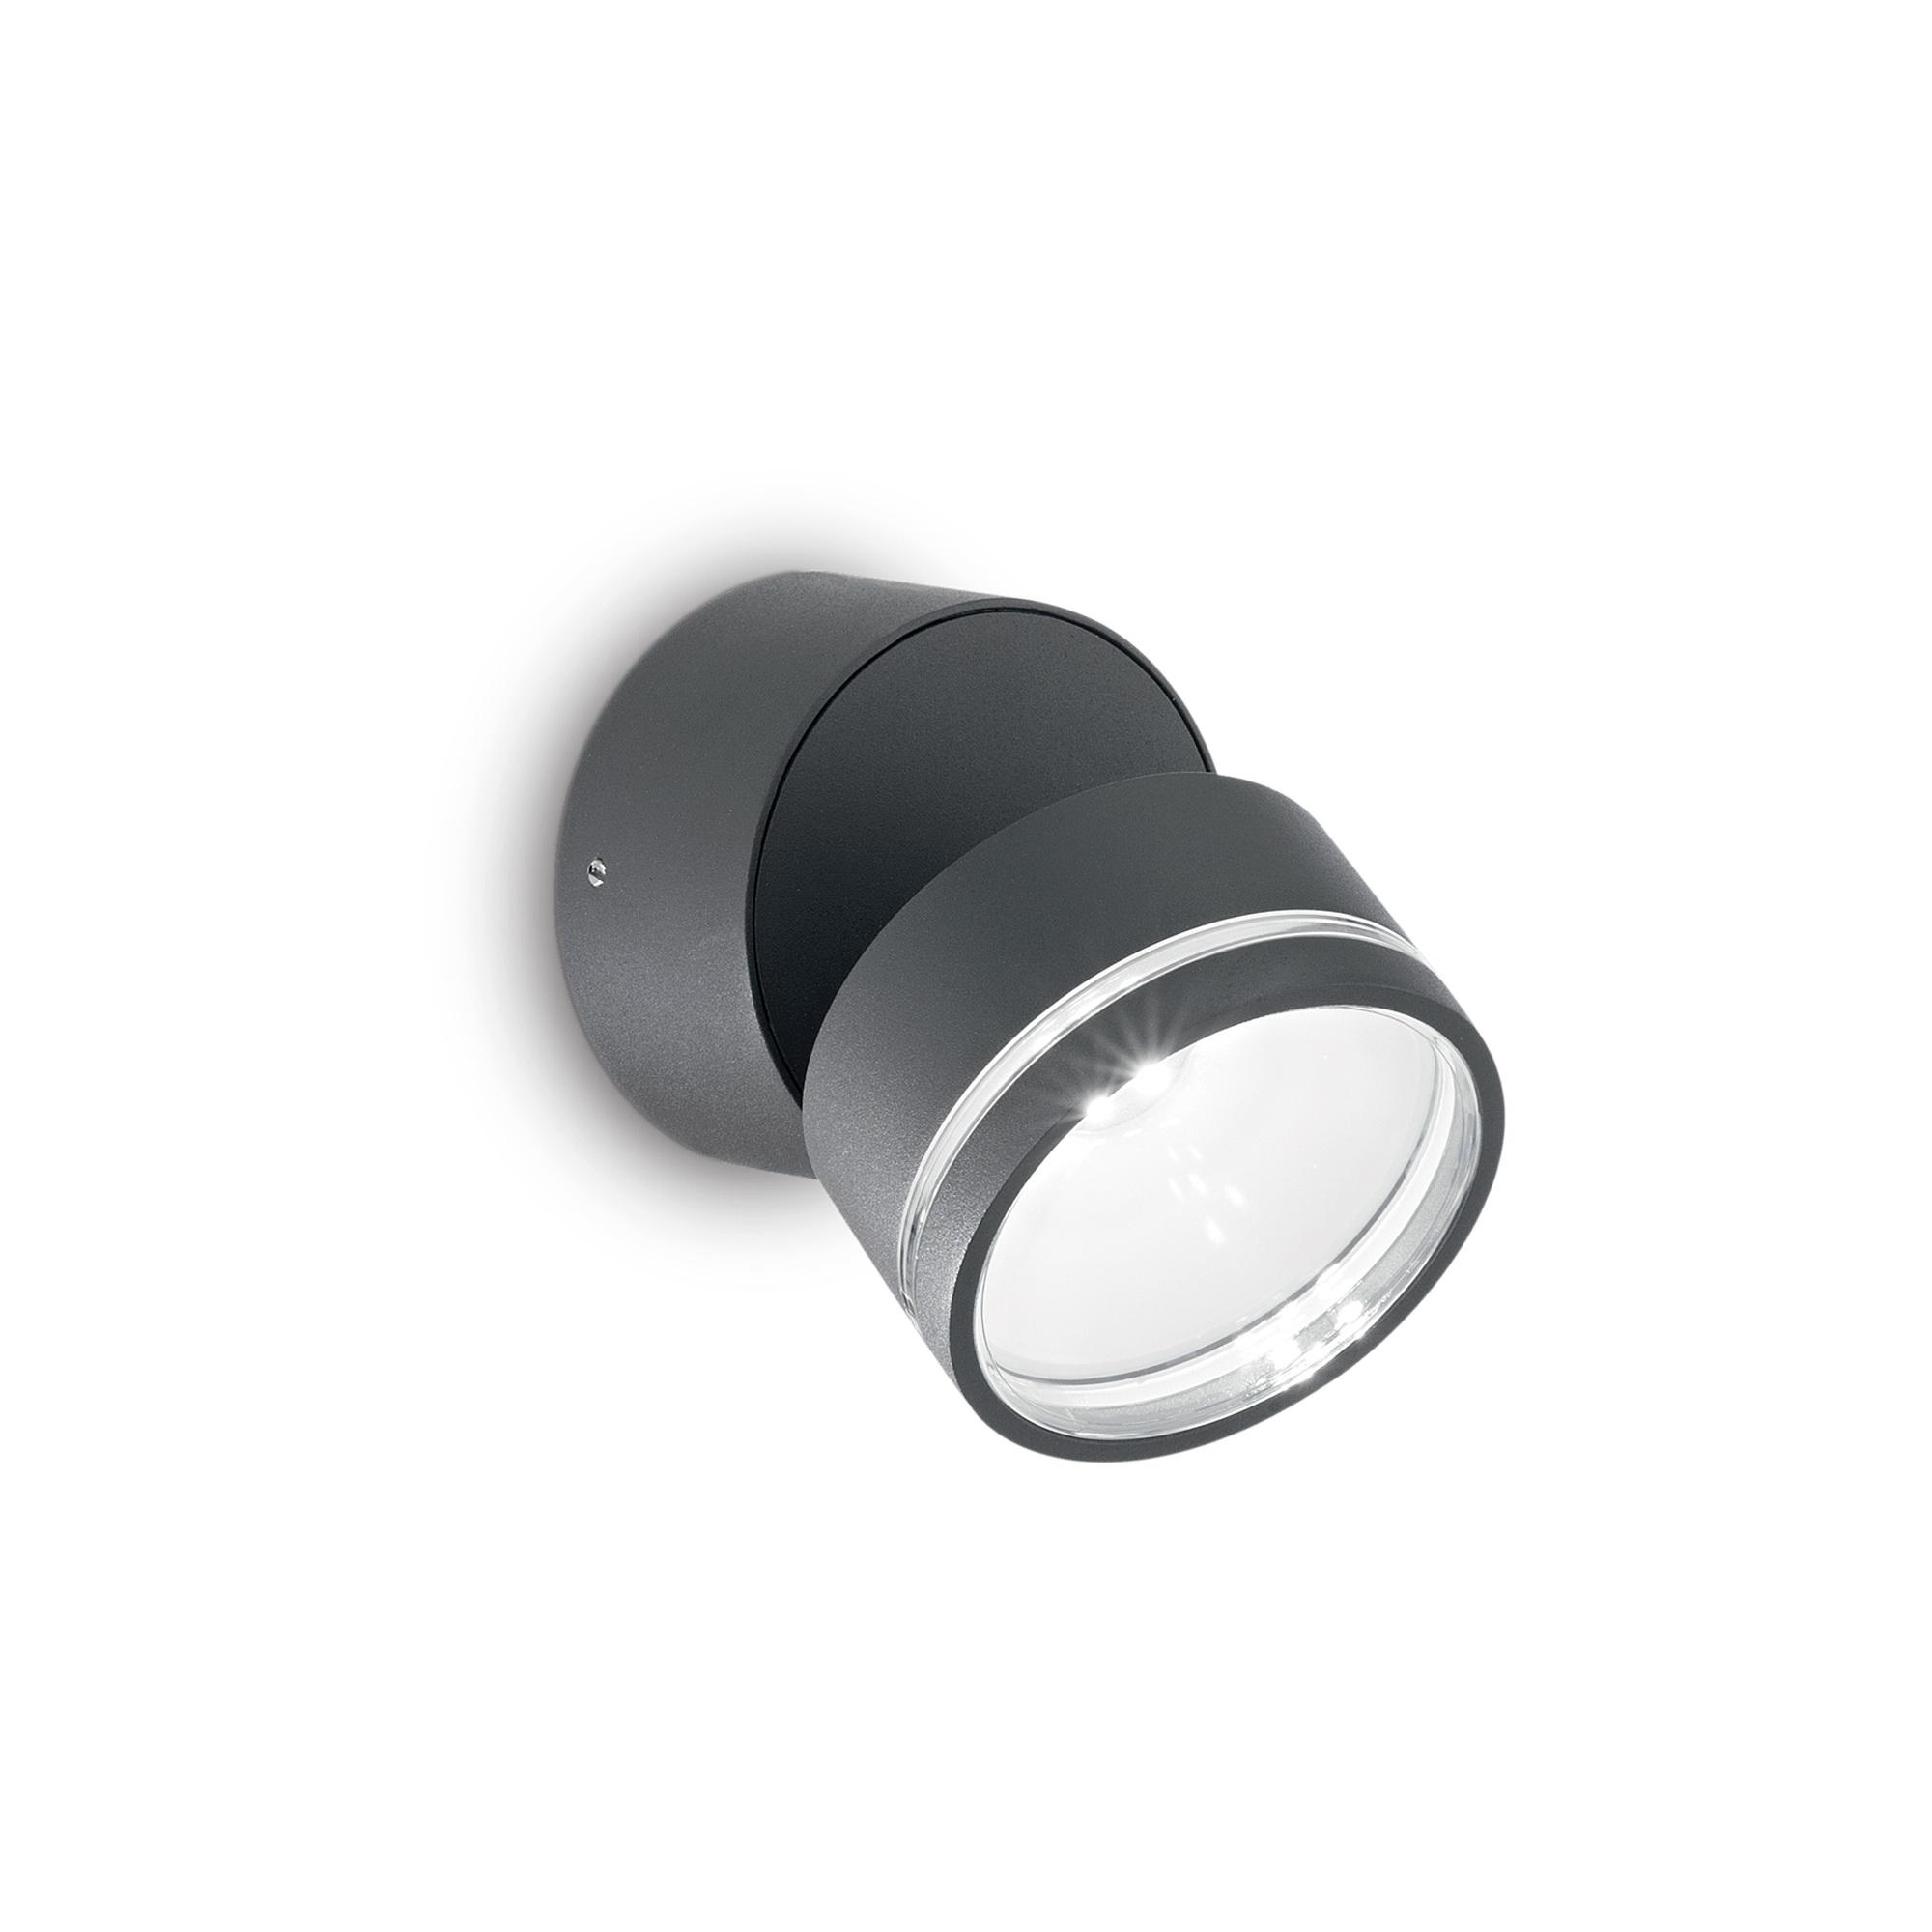 OMEGA ROUND AP1 ANTRACITE уличный накладной светильник